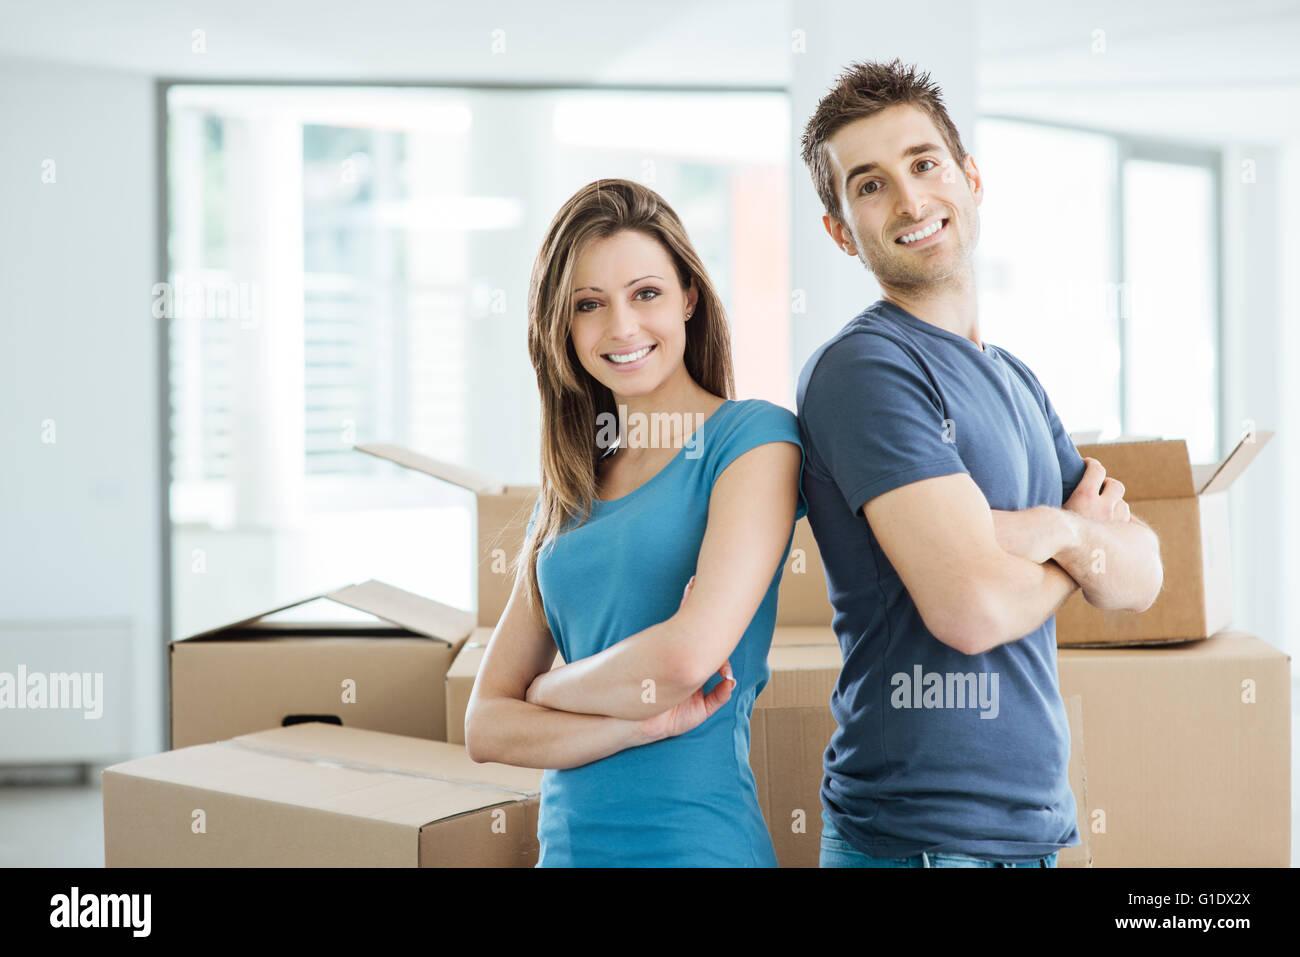 Smiling couple aimant posant dans leur nouvelle maison Retour à l'arrière entourée par des boîtes Photo Stock